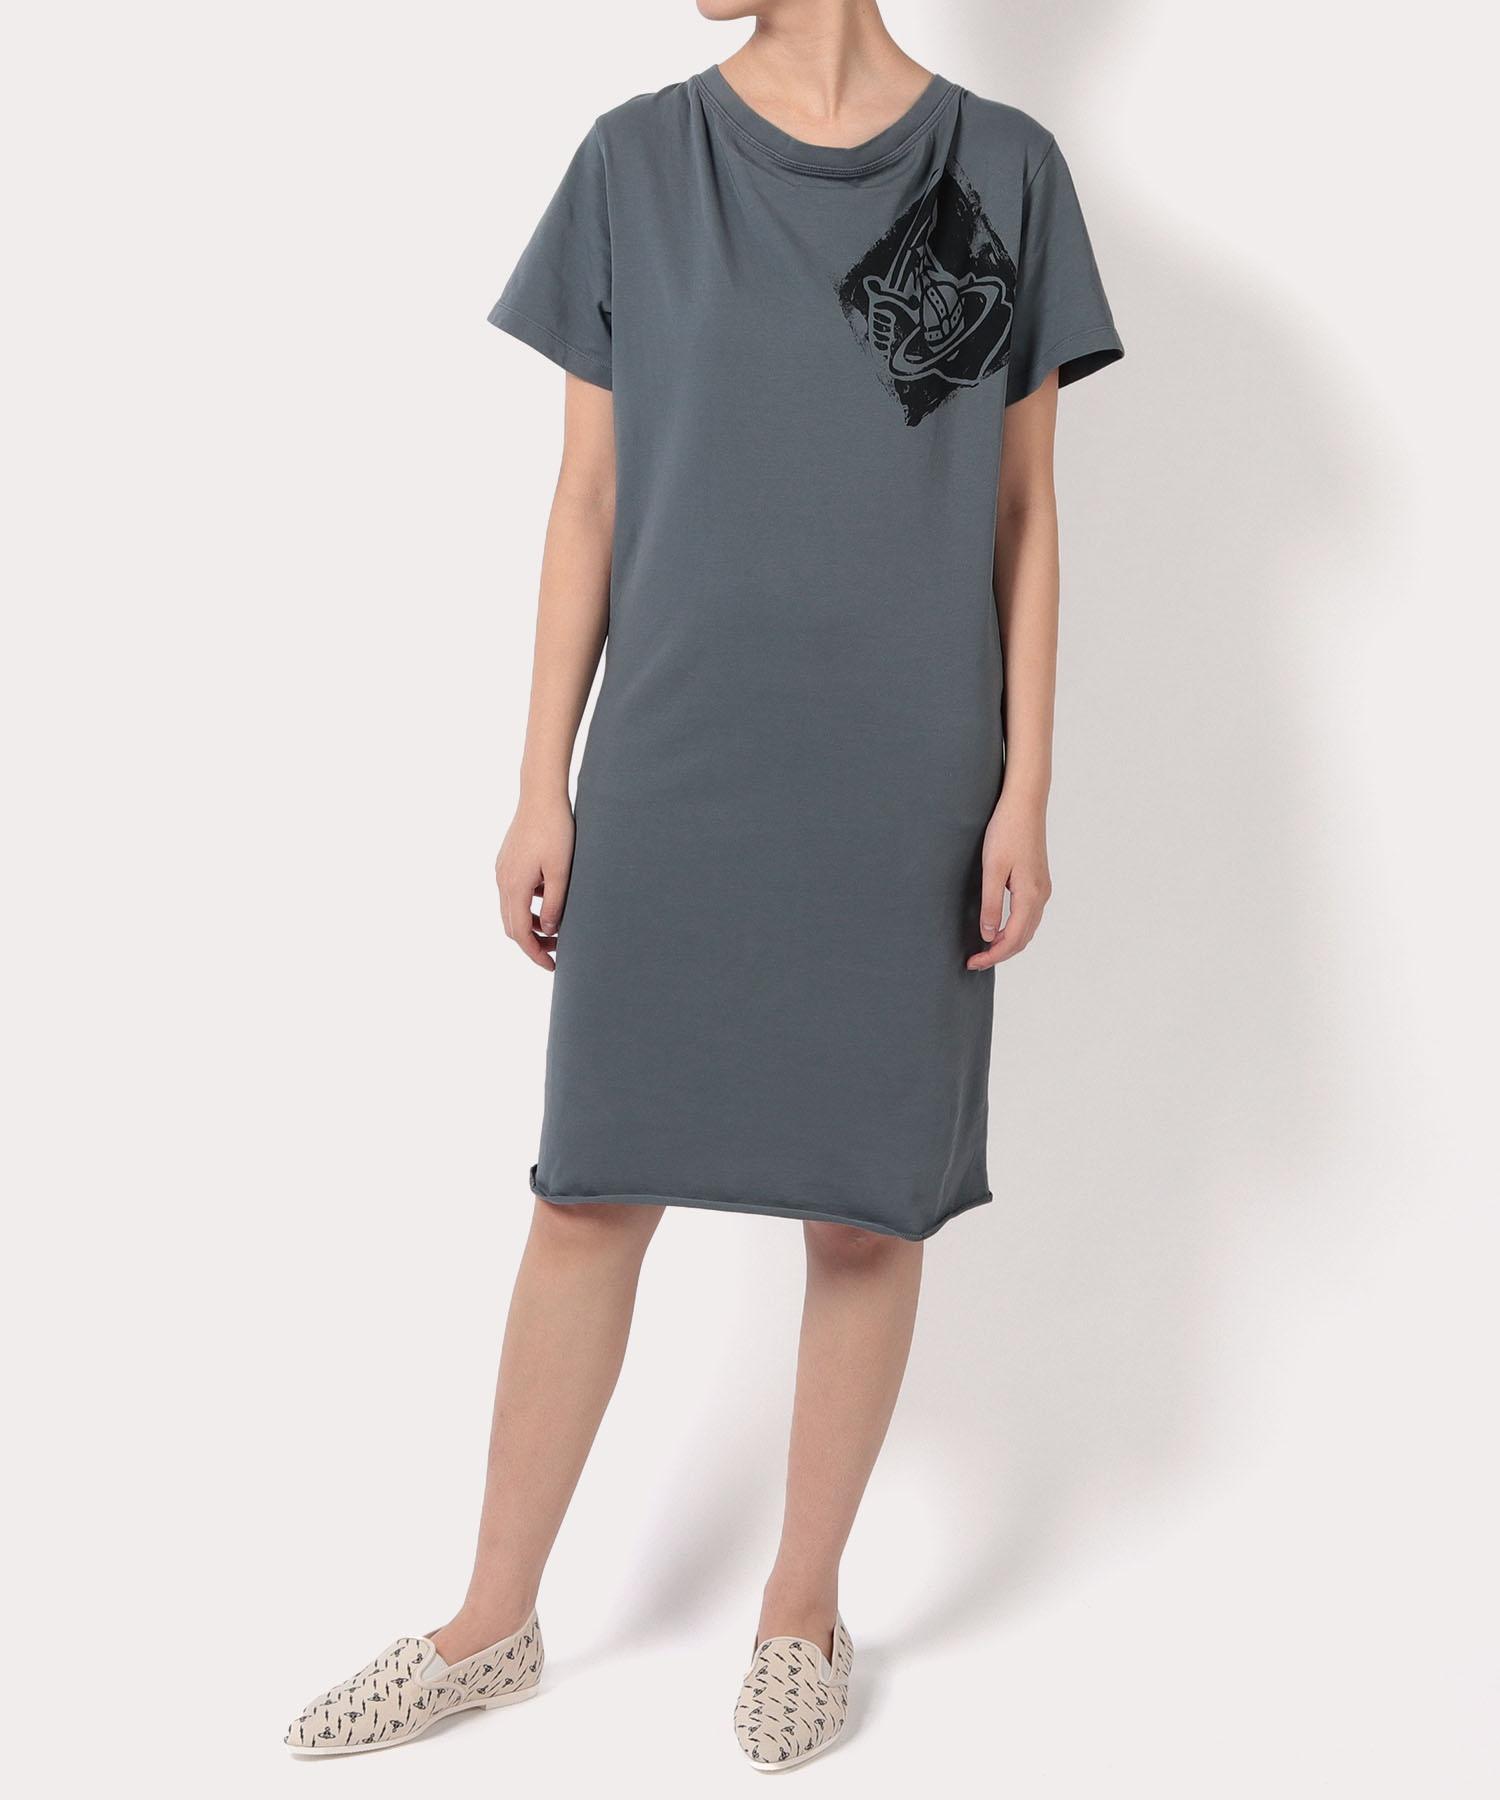 ARM&CUTLASS Tシャツワンピース